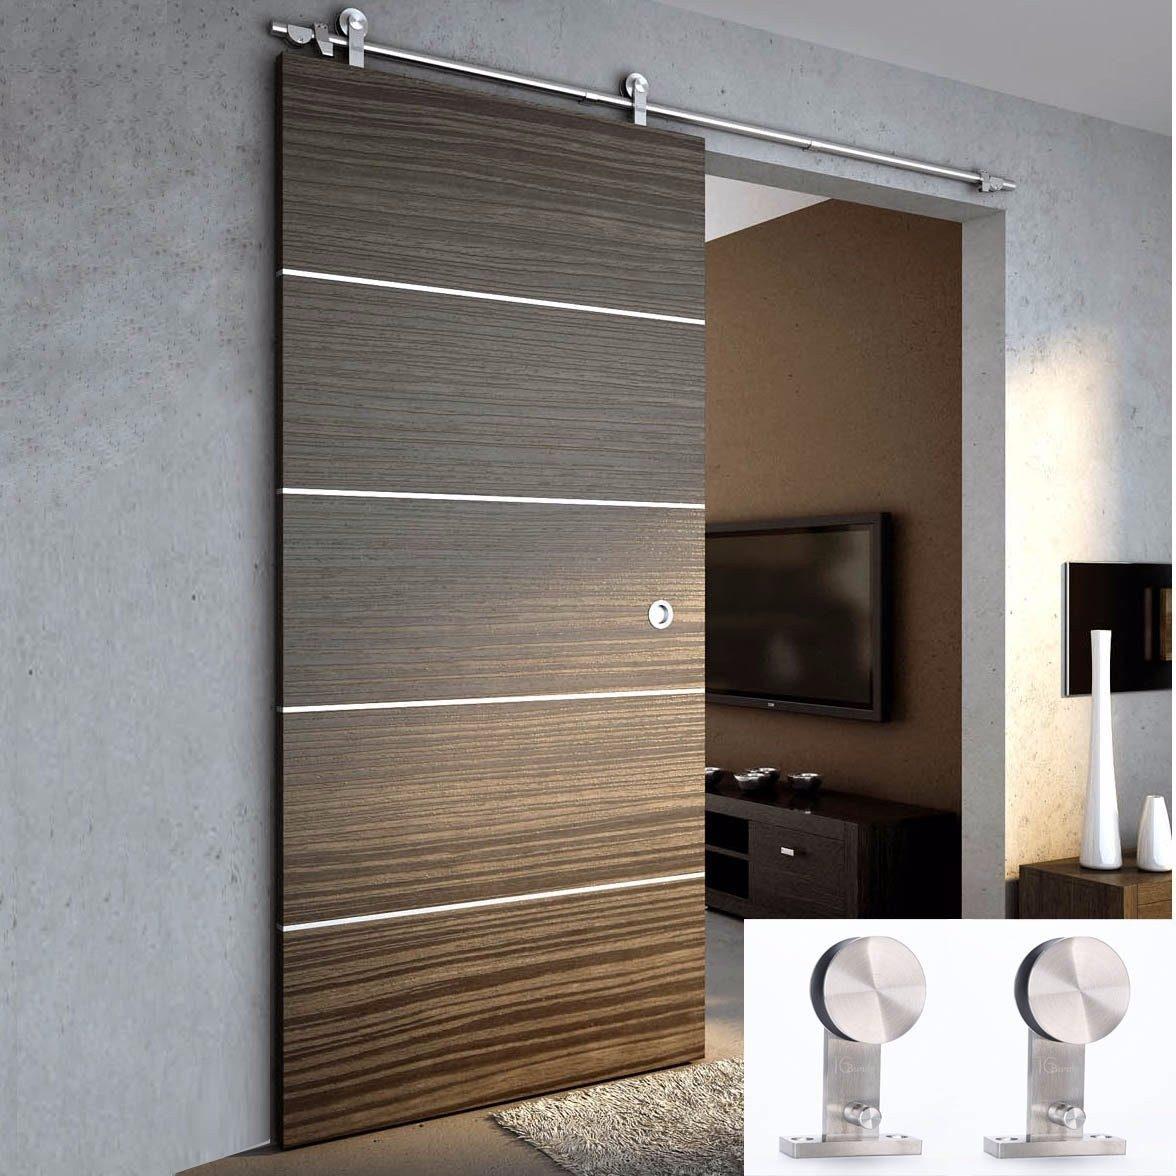 Puertas corredera de madera elegant habitacin en el stano for Puerta corrediza de madera